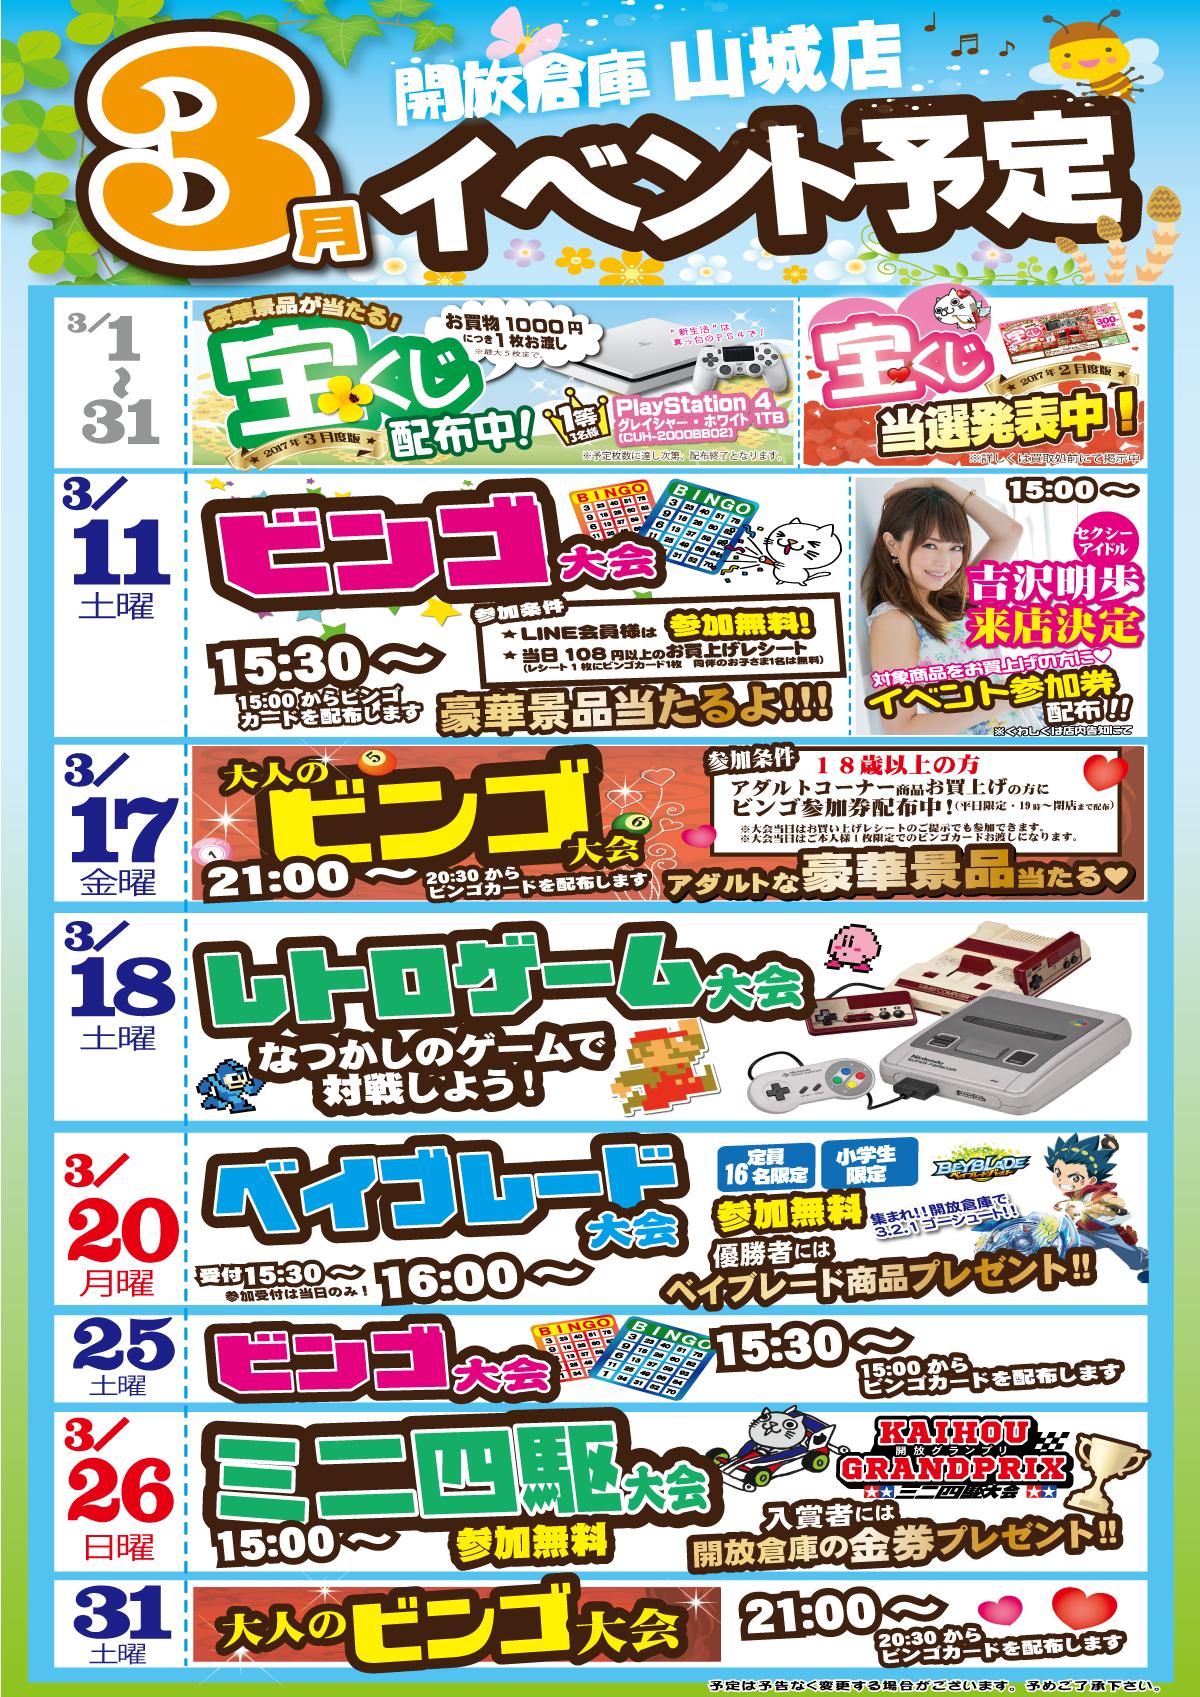 「開放倉庫山城店」2017年3月のイベント予定表!